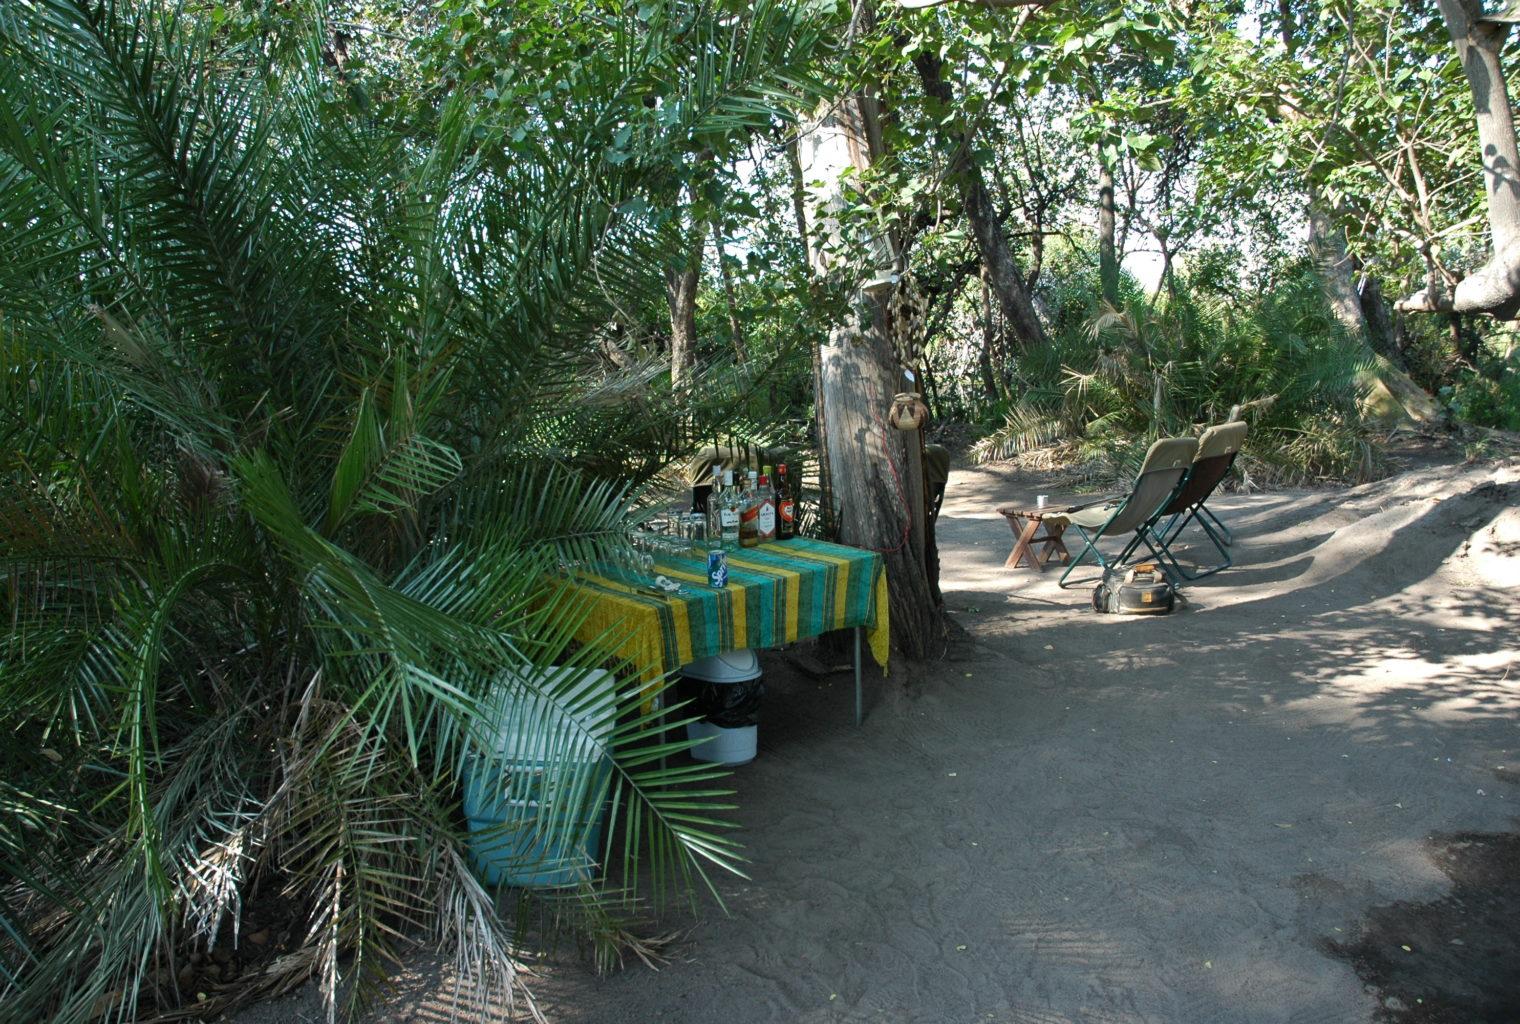 Kanana Mokoro Trails Dining